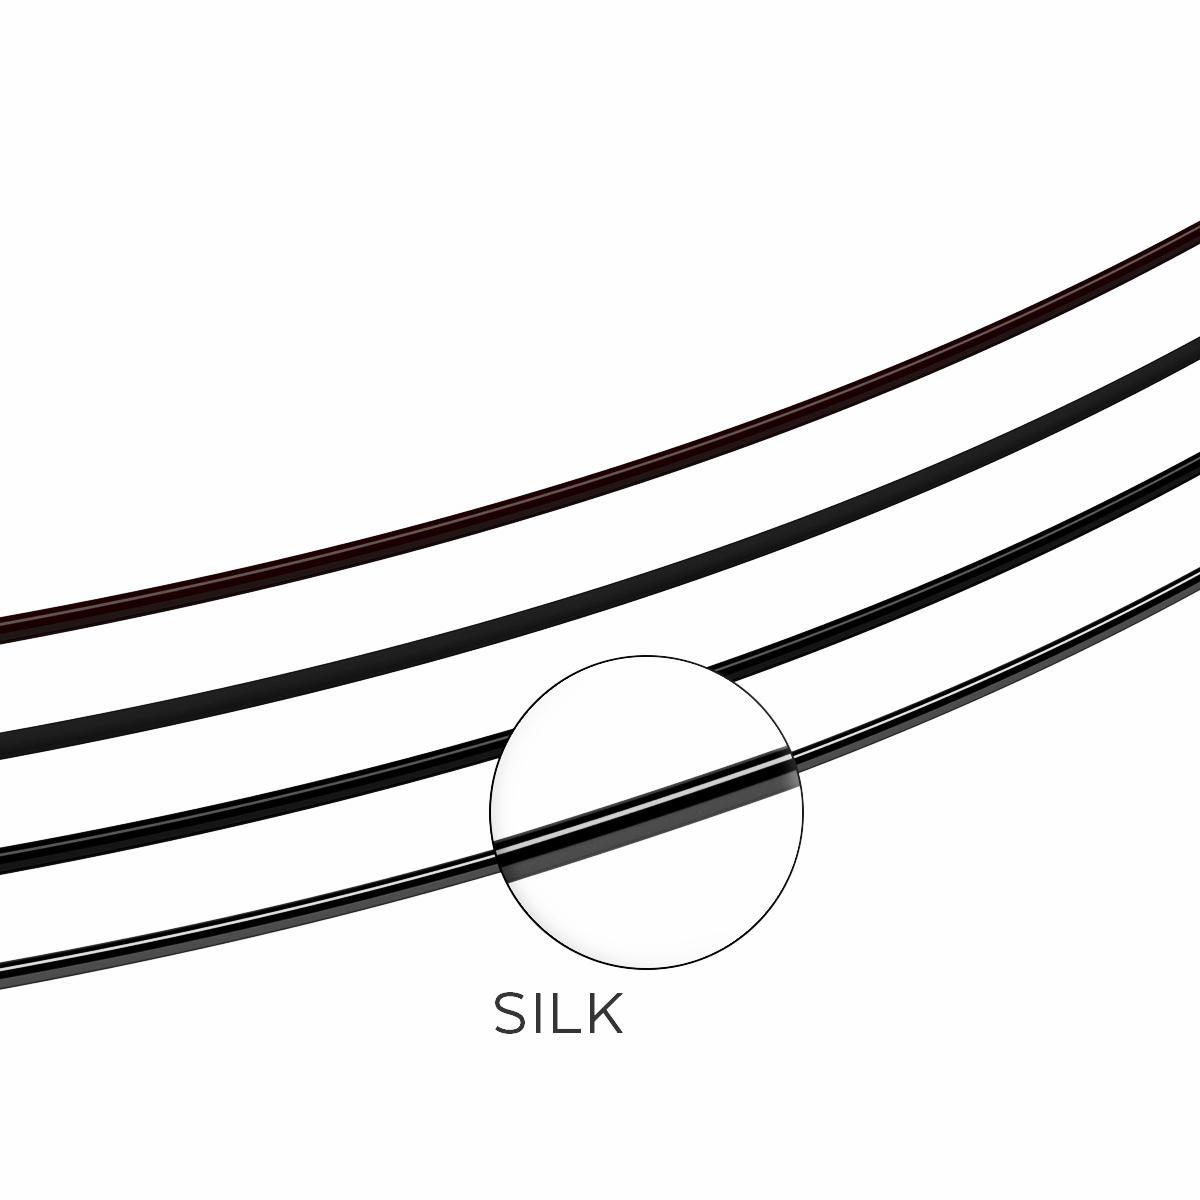 rzesy-silk-black-l-0-2